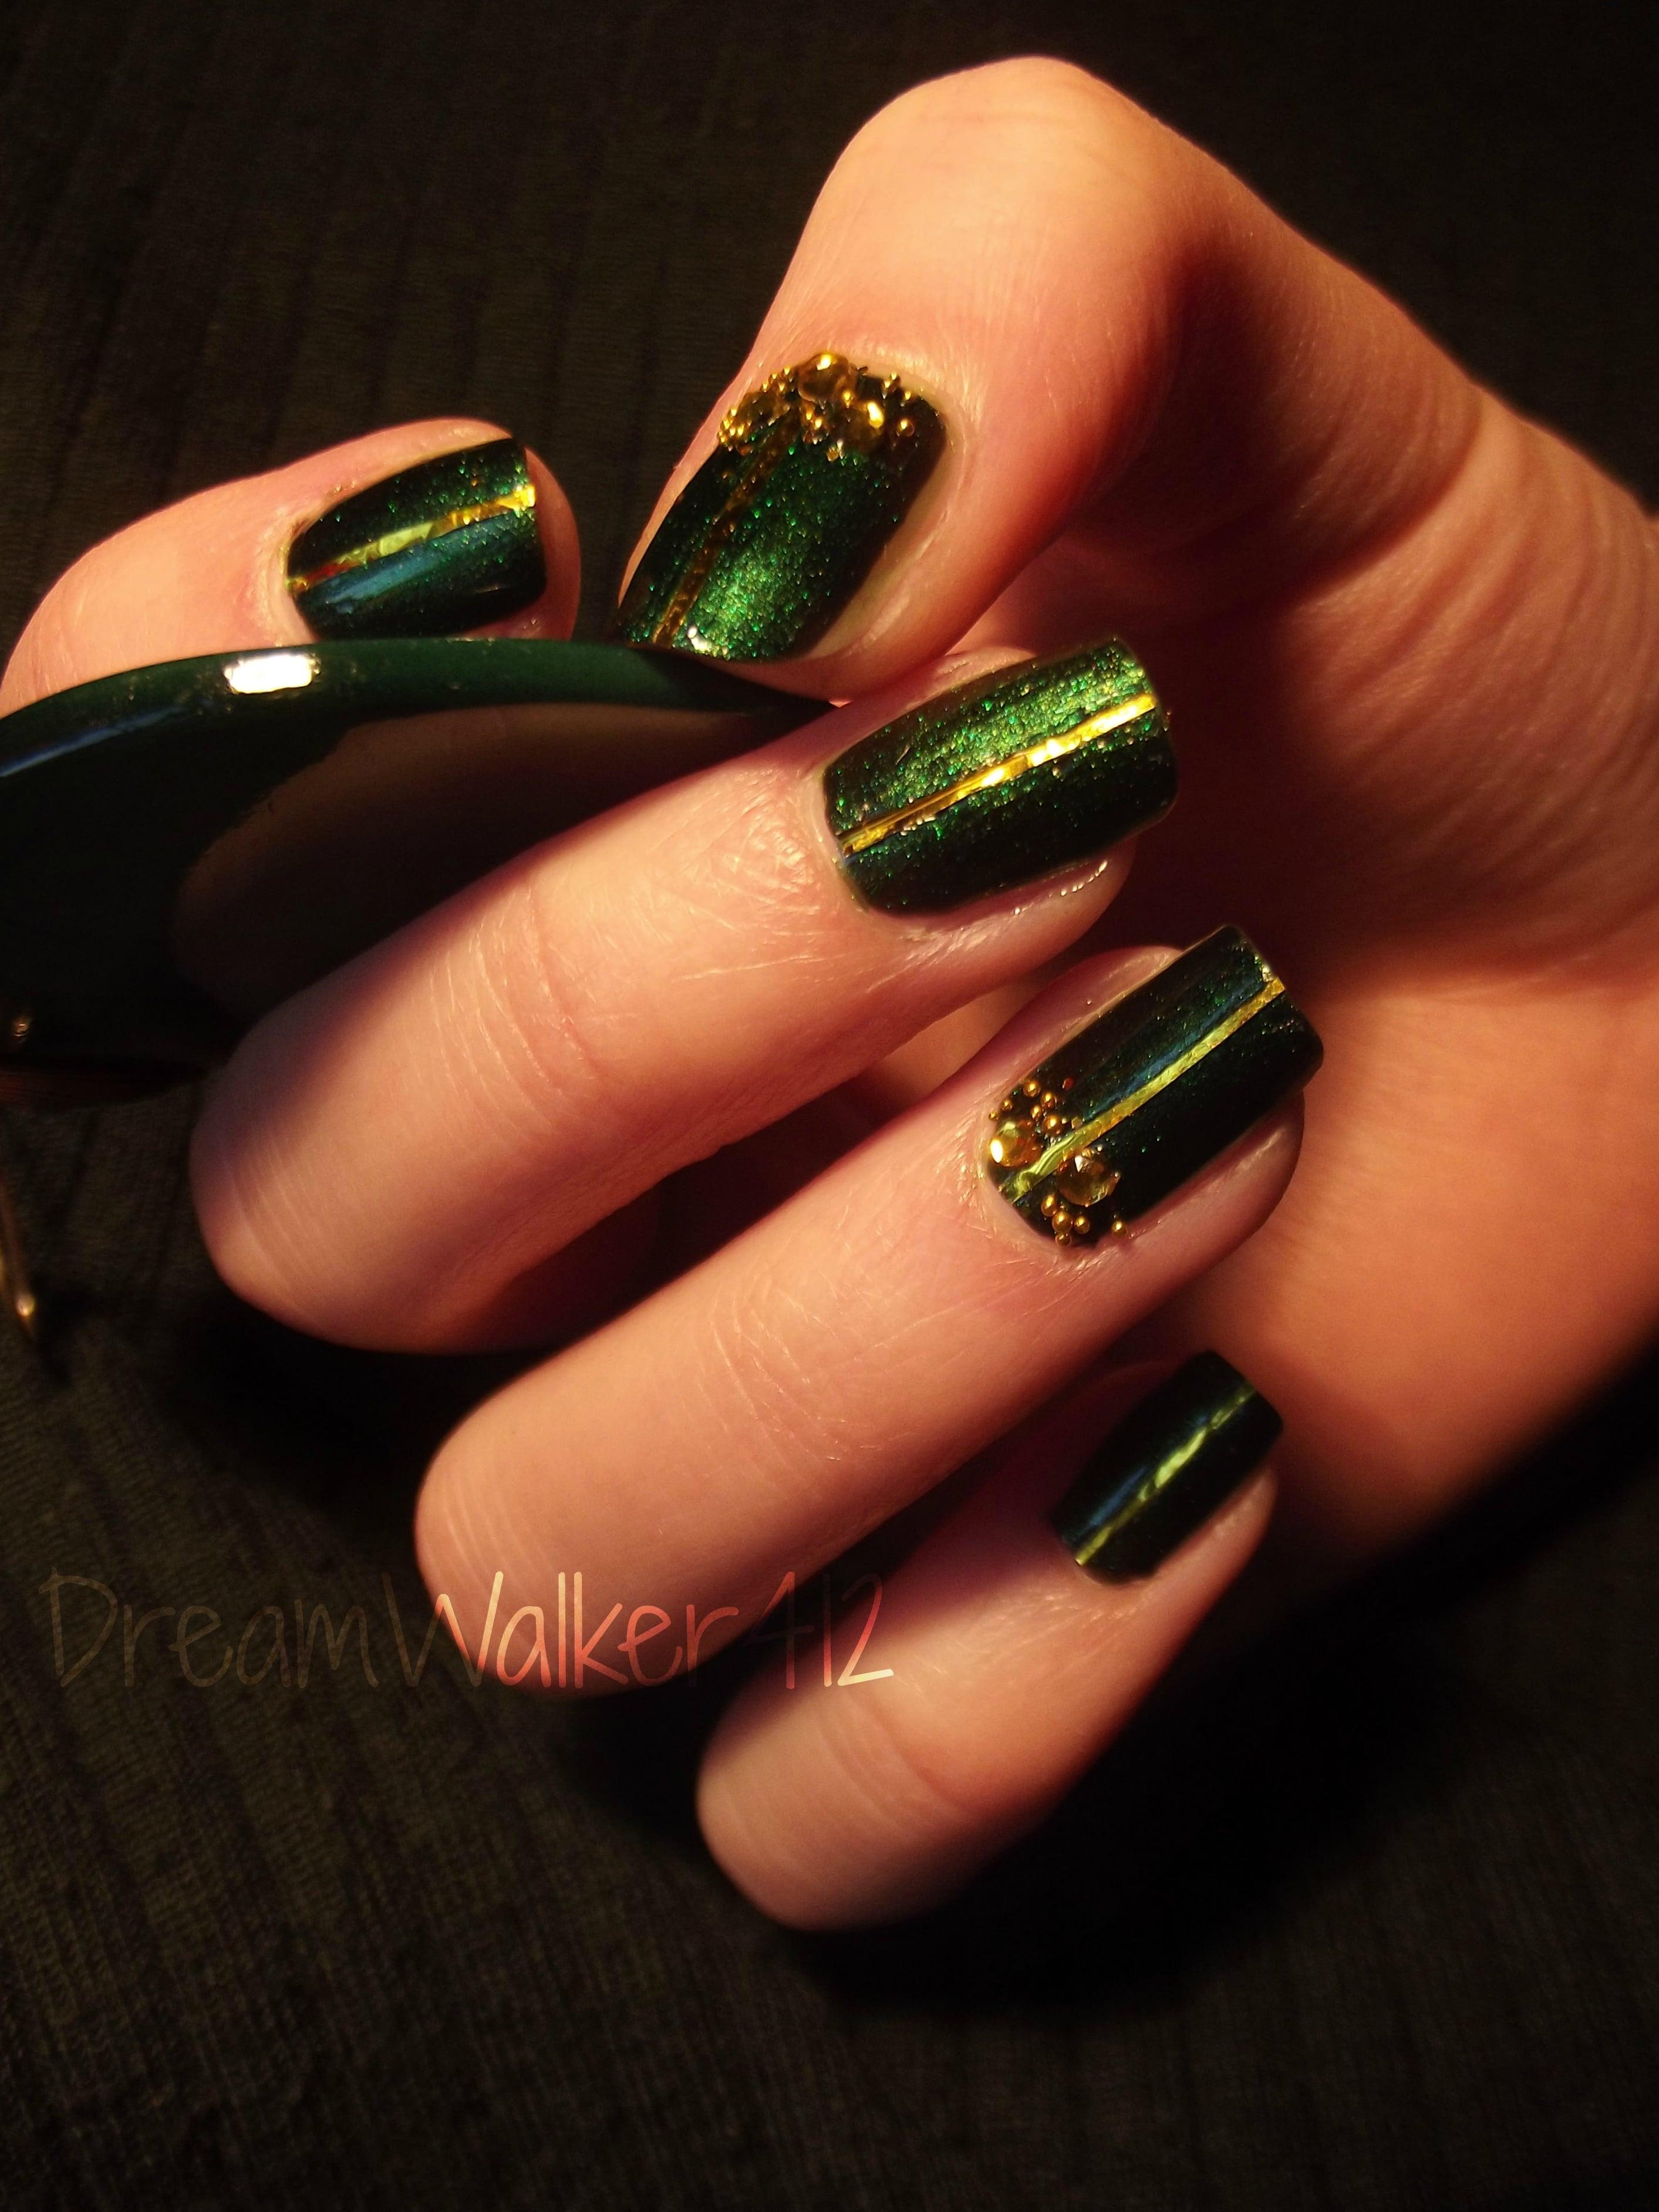 uñas pintadas en color verde oscuro